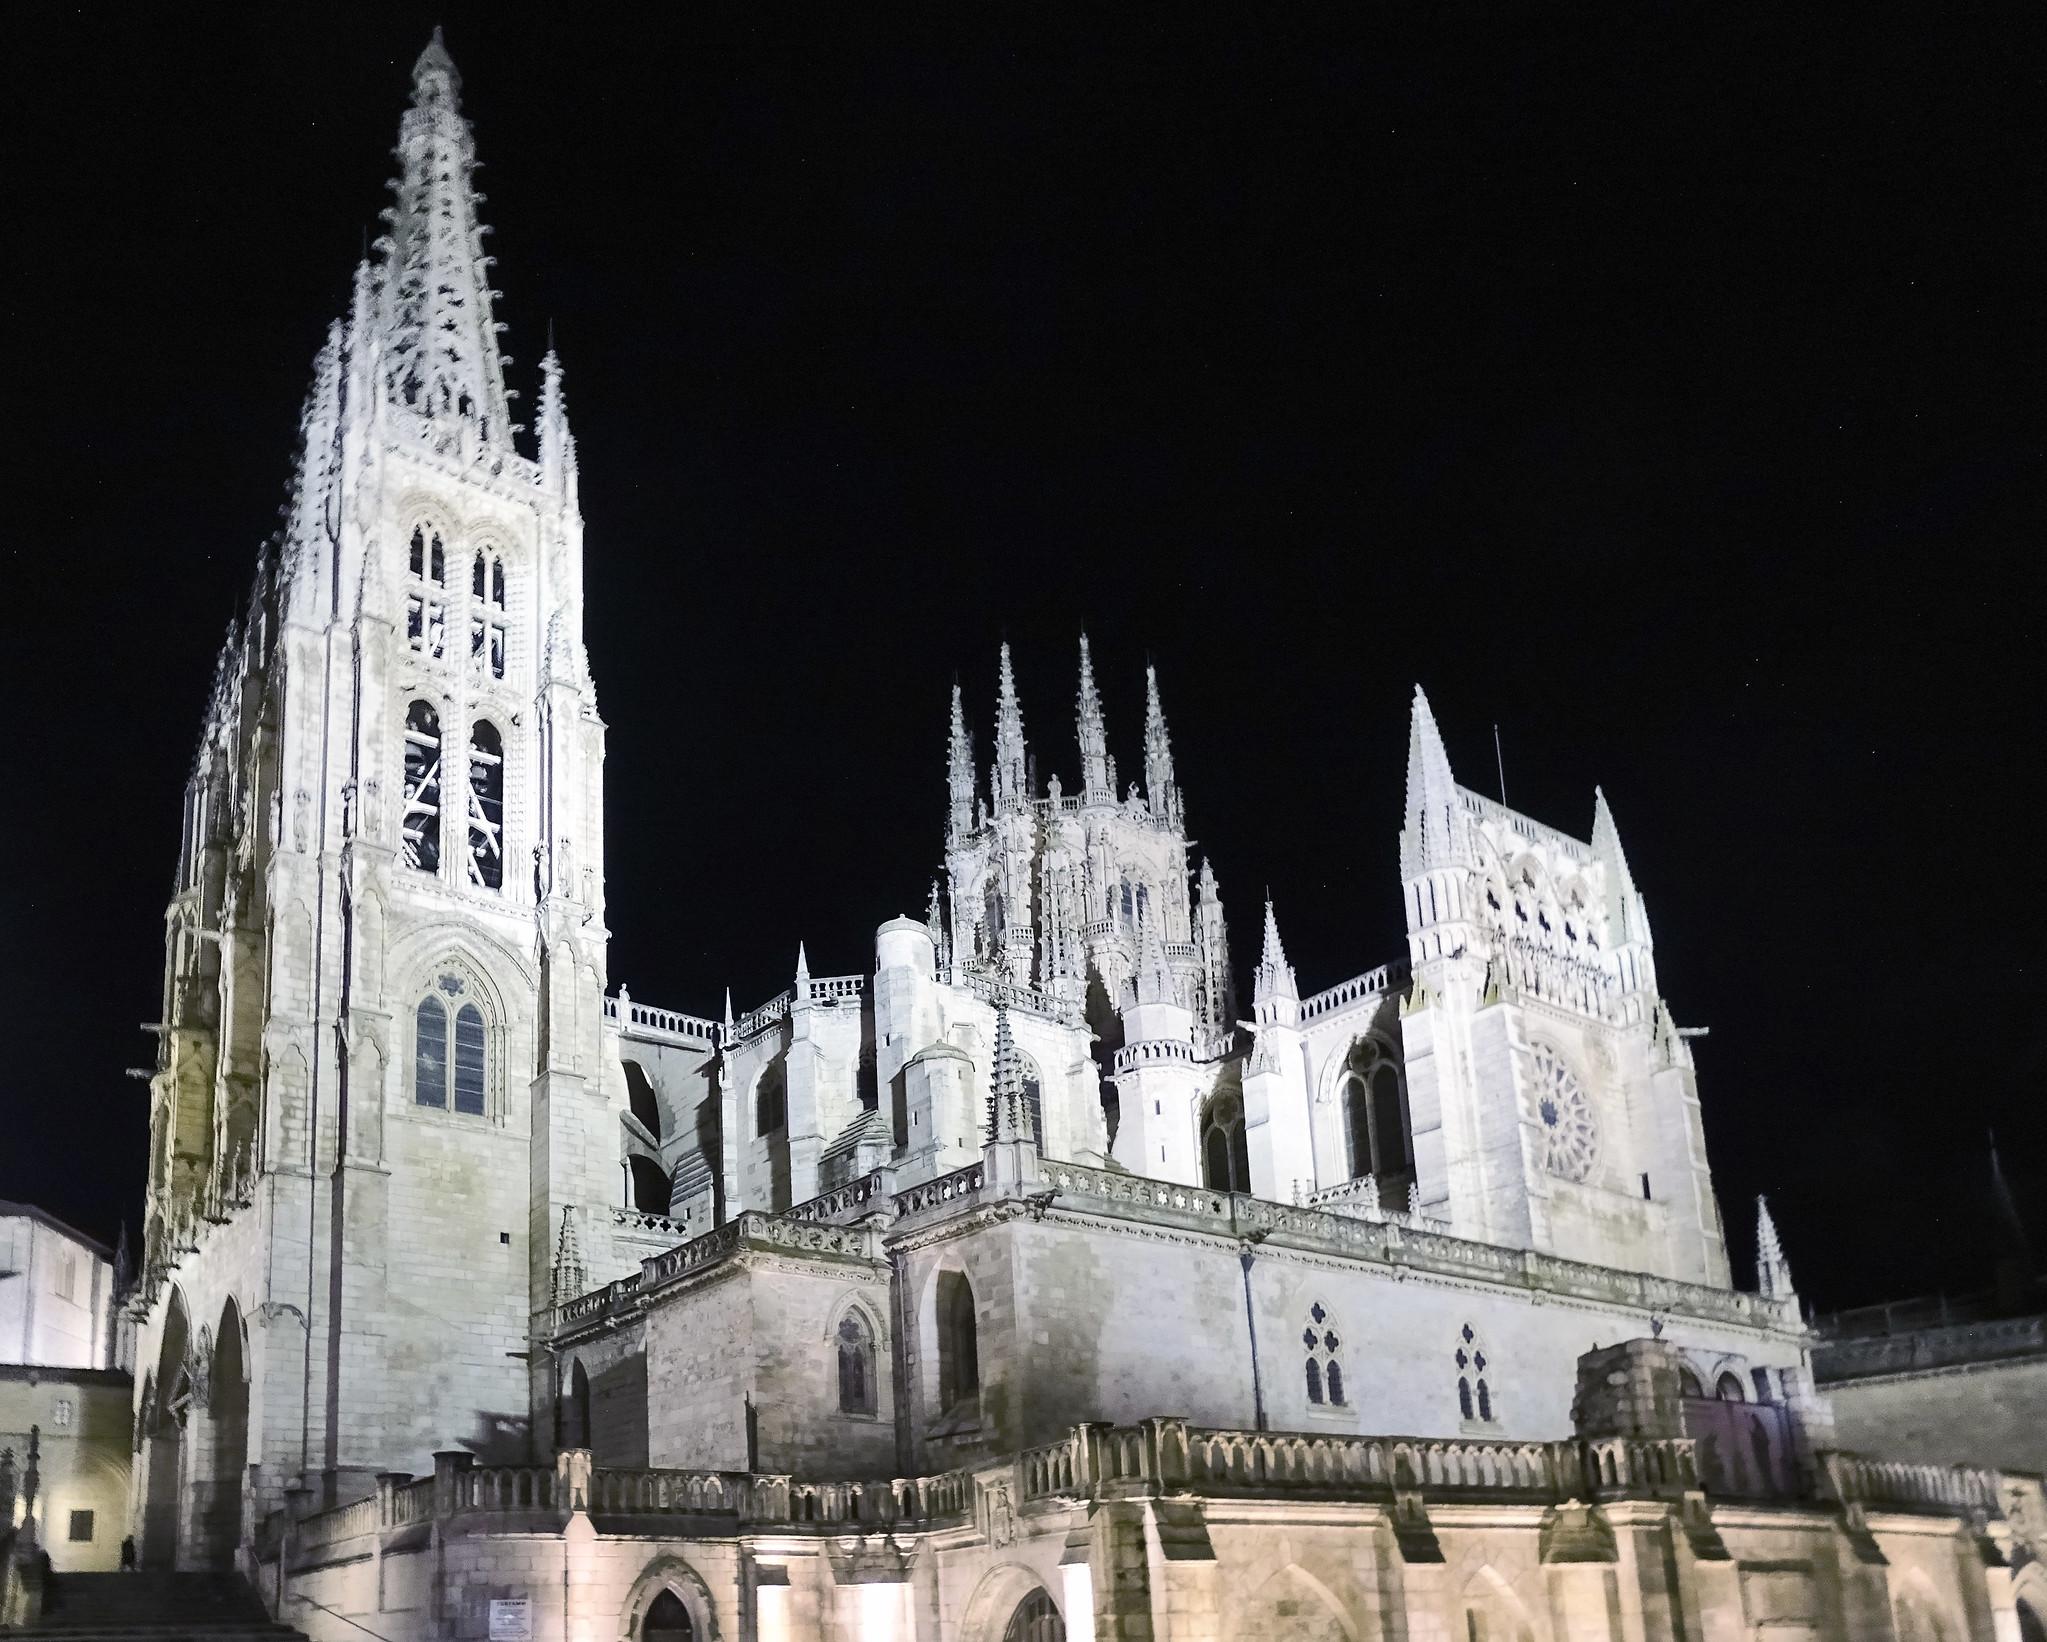 Fachada sur exterior Catedral de Burgos